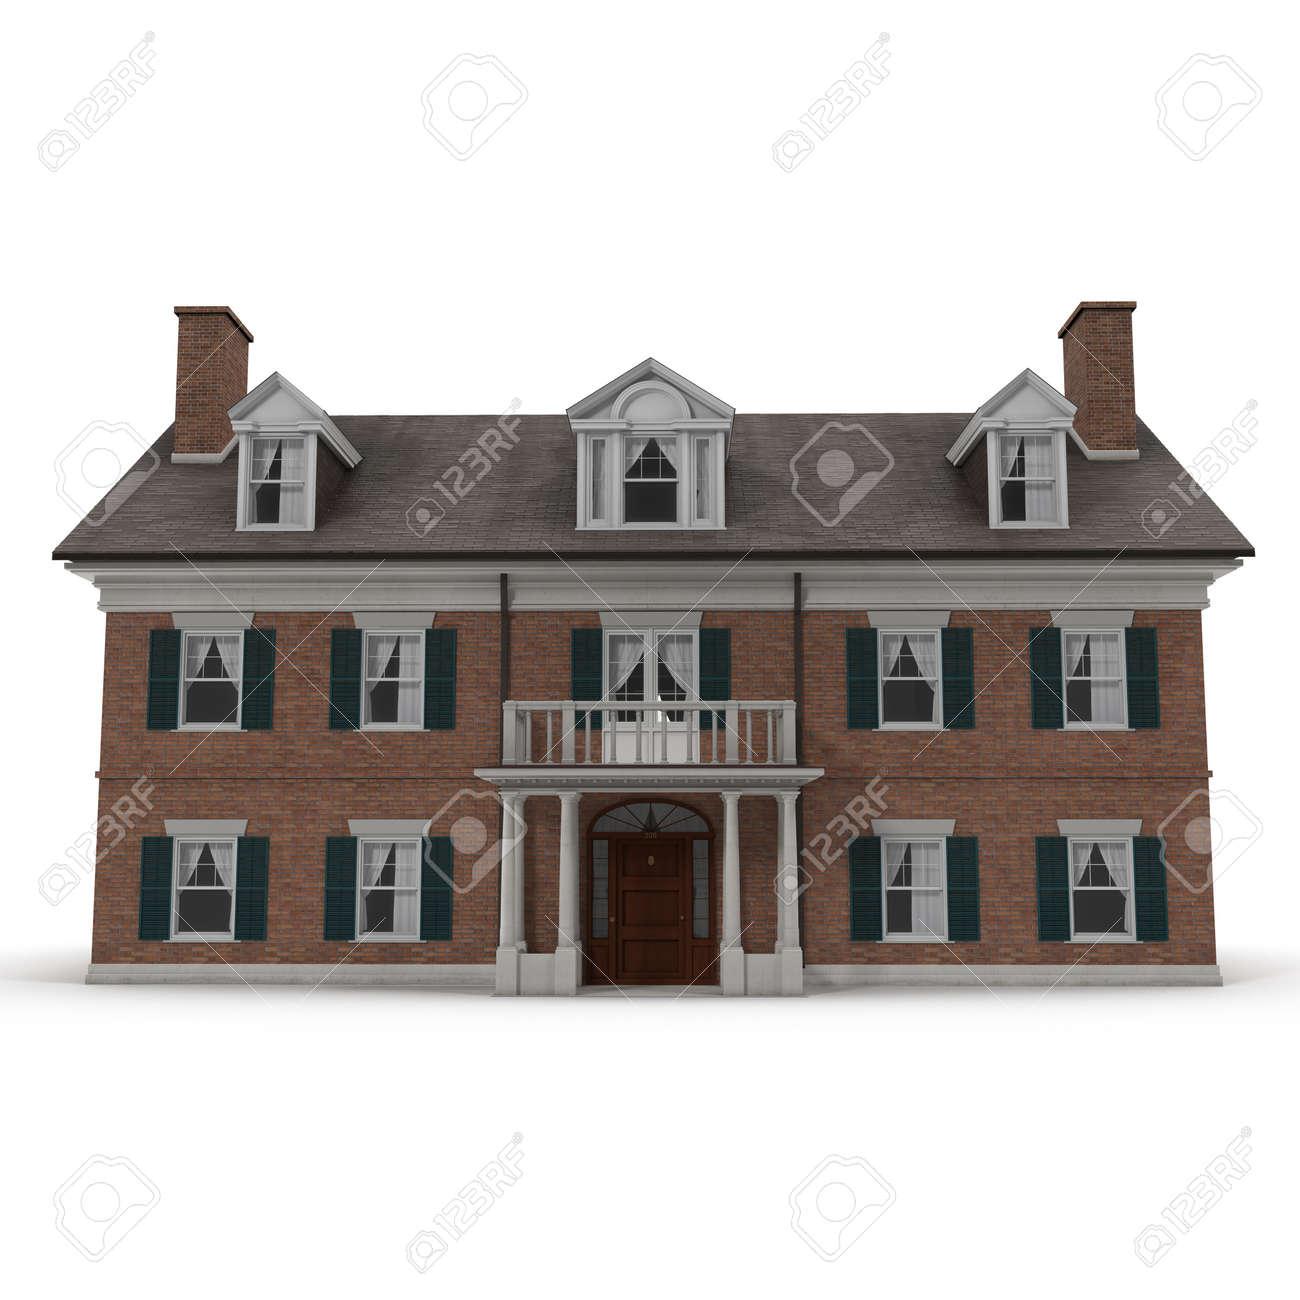 Kolonialstil Wiedergabe Home Außen Auf Weißem Hintergrund. 3D ...